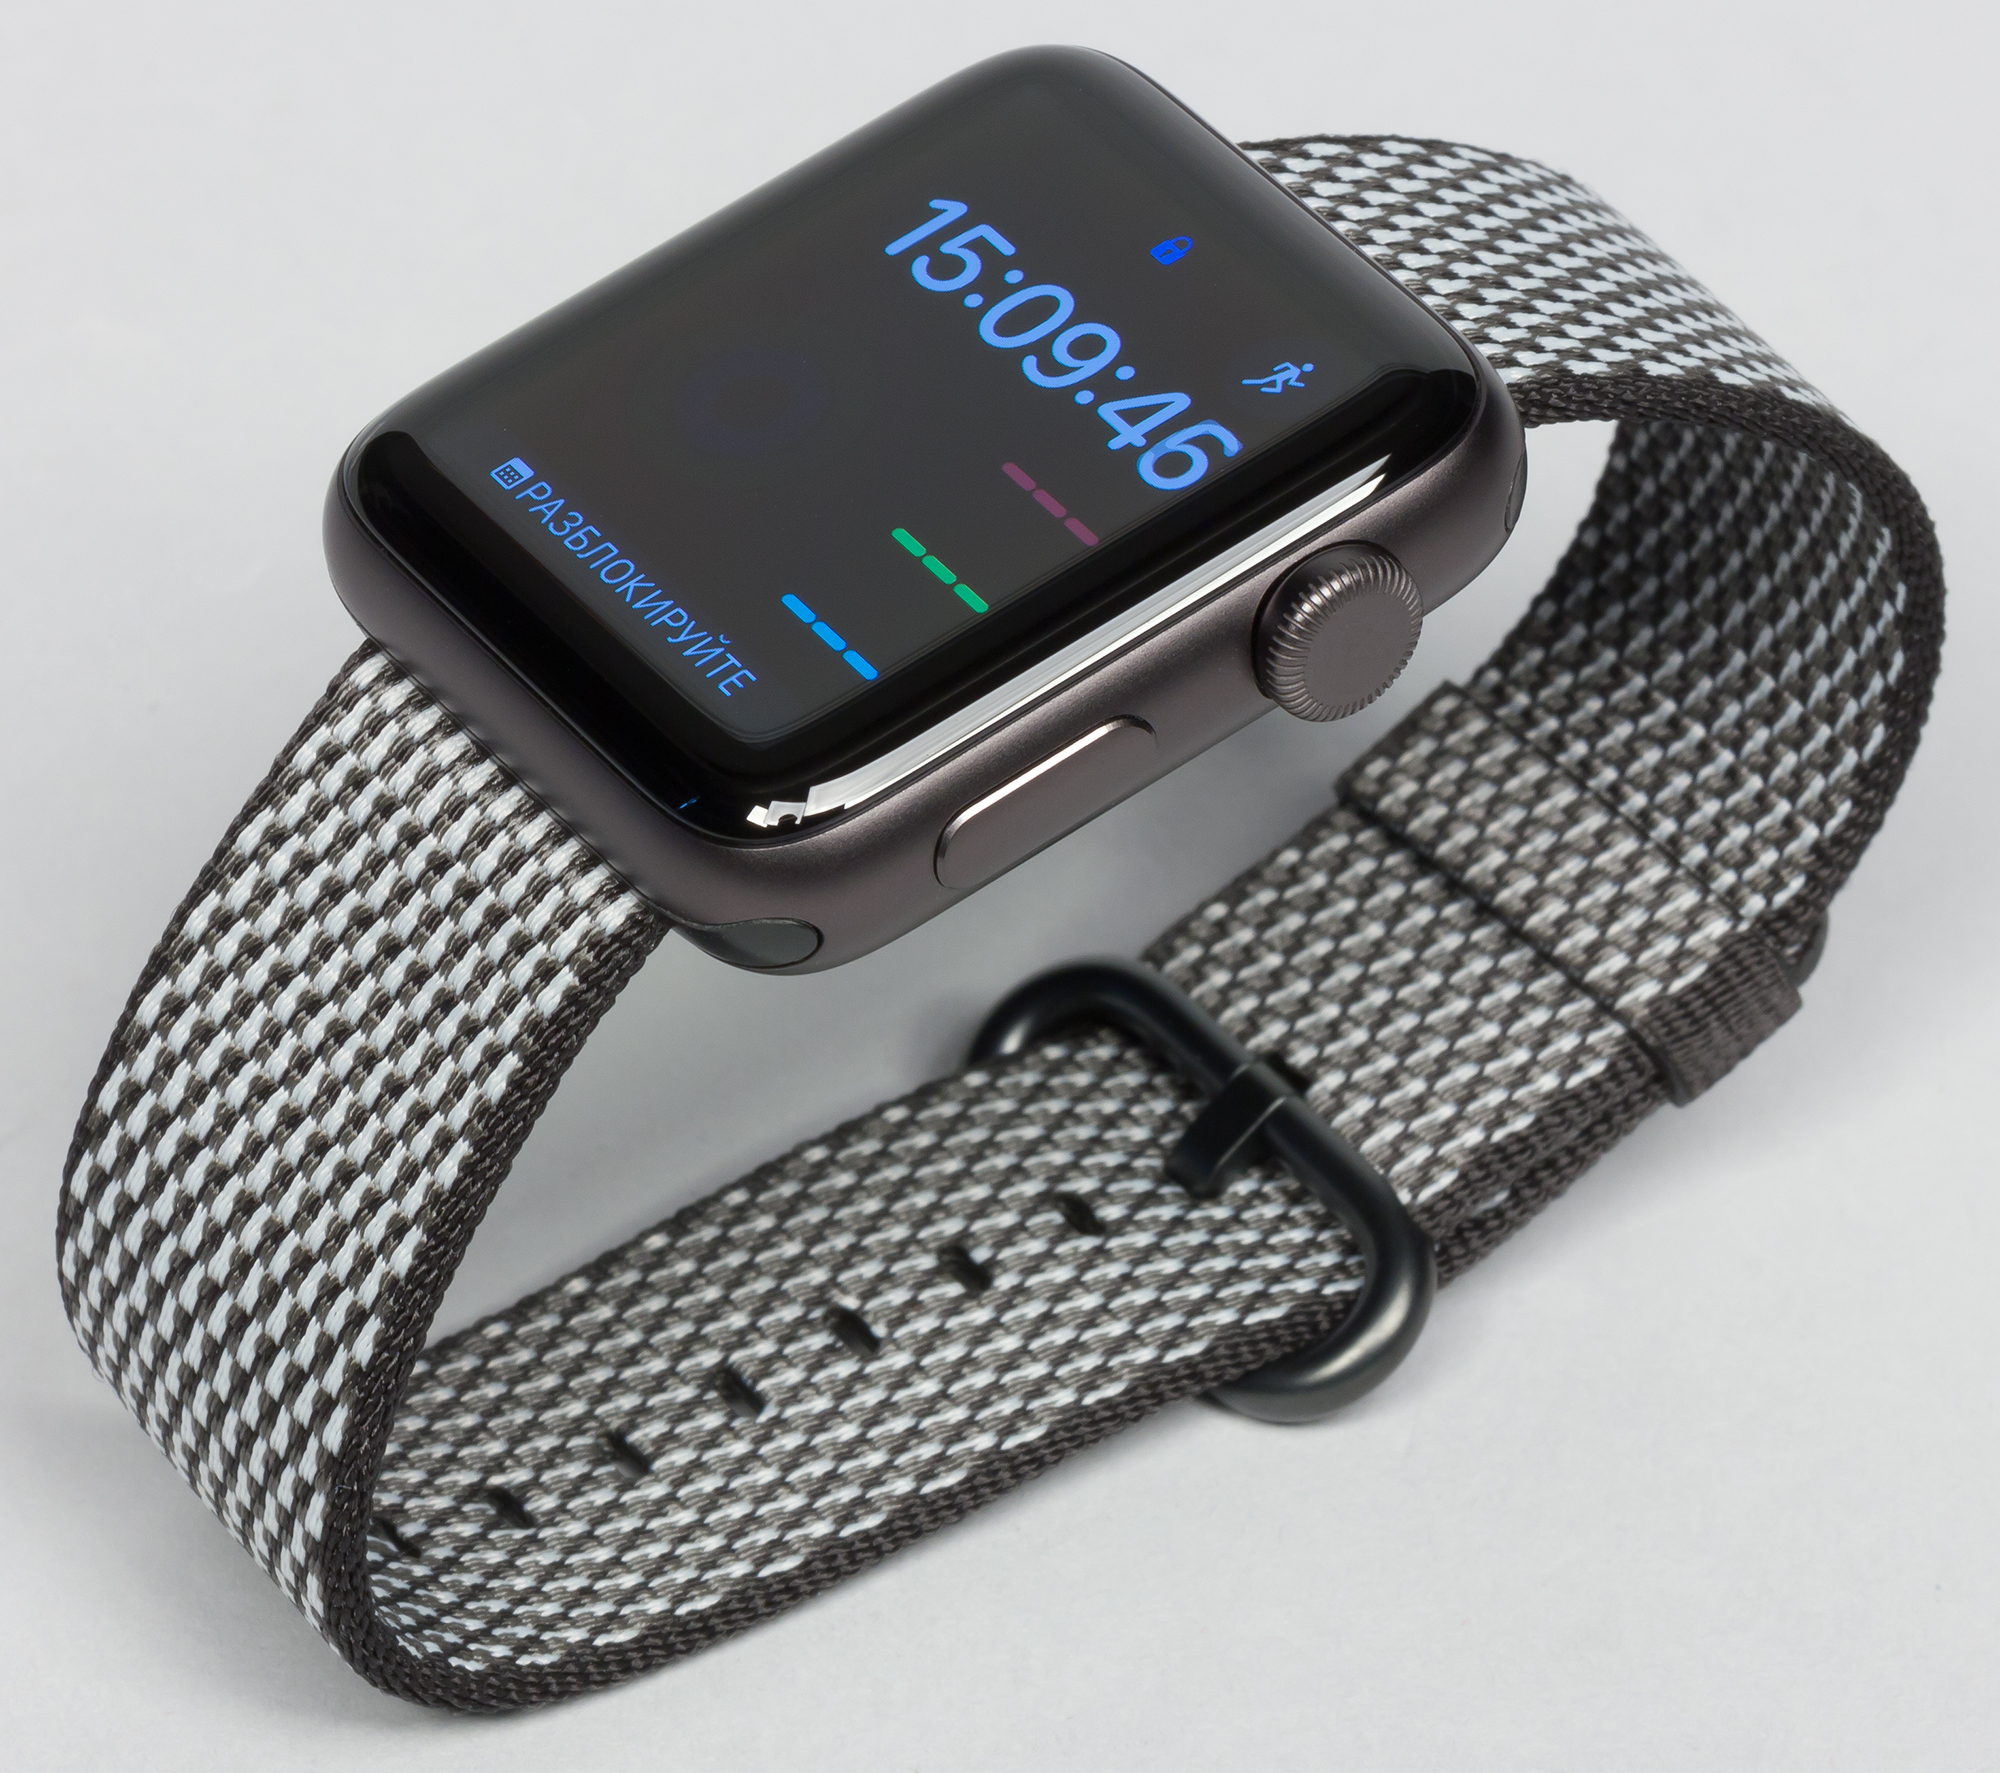 Функции Apple Watch Series 4 и 3: 40 полезных возможностей смарт-часов Apple